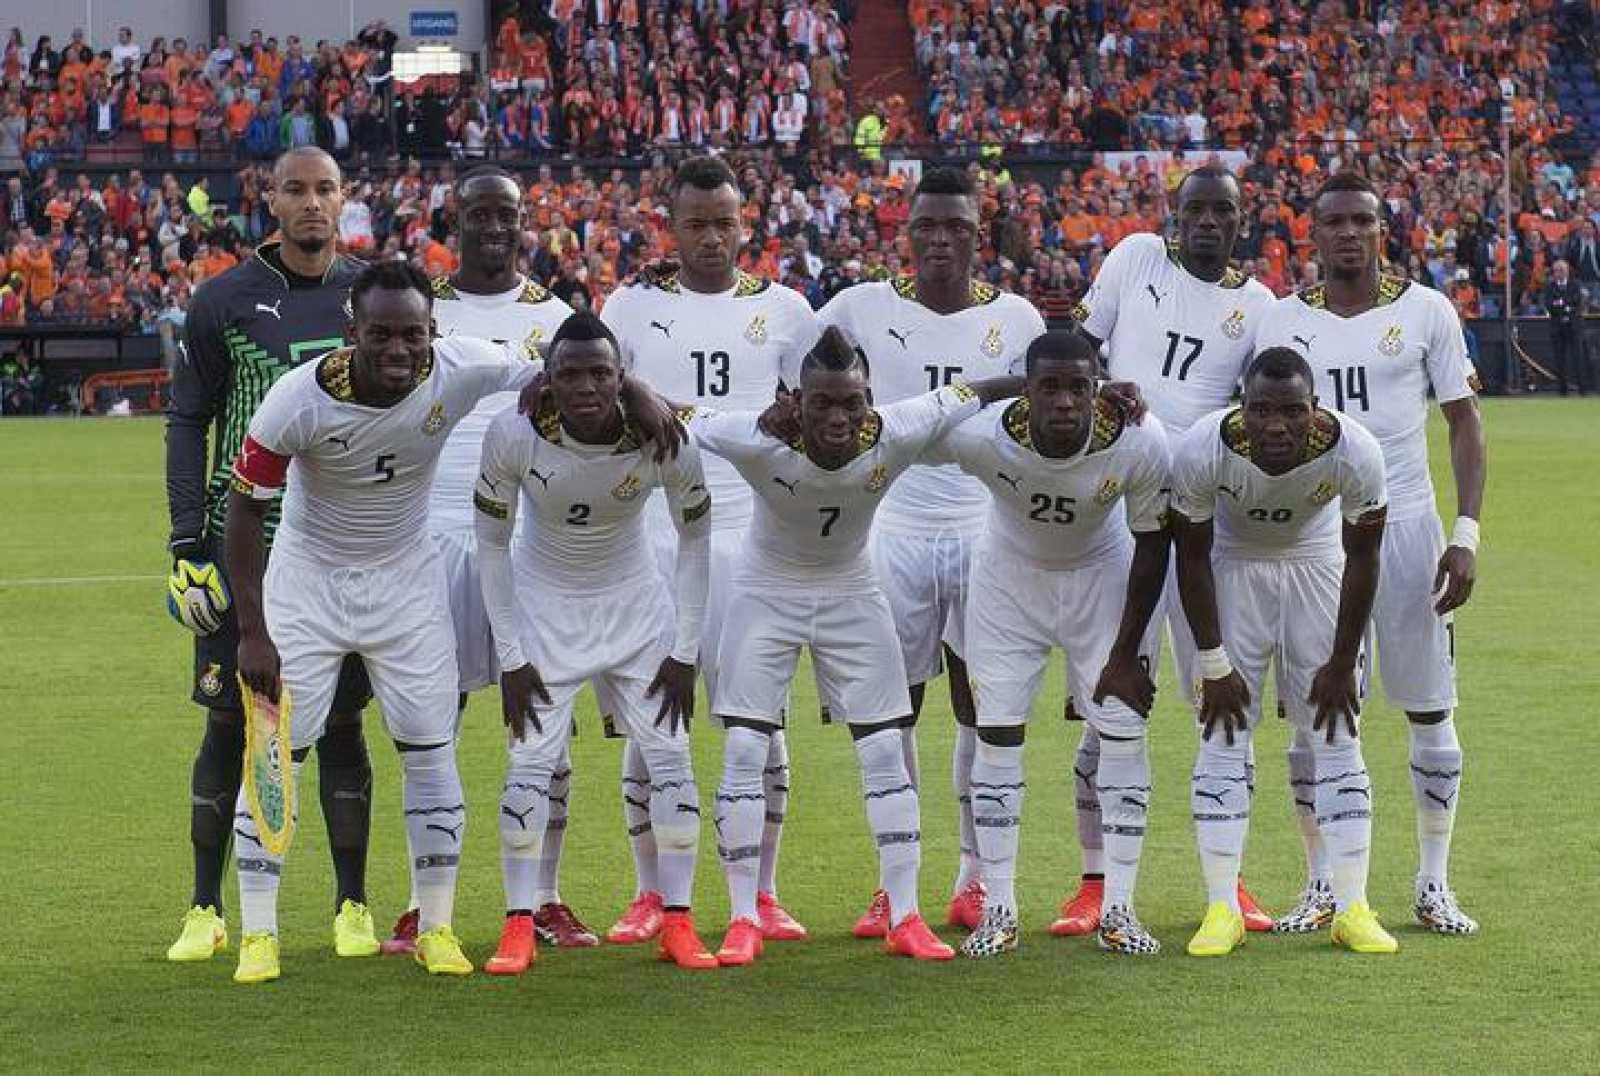 La selección de Ghana posa antes de un amistoso de preparación